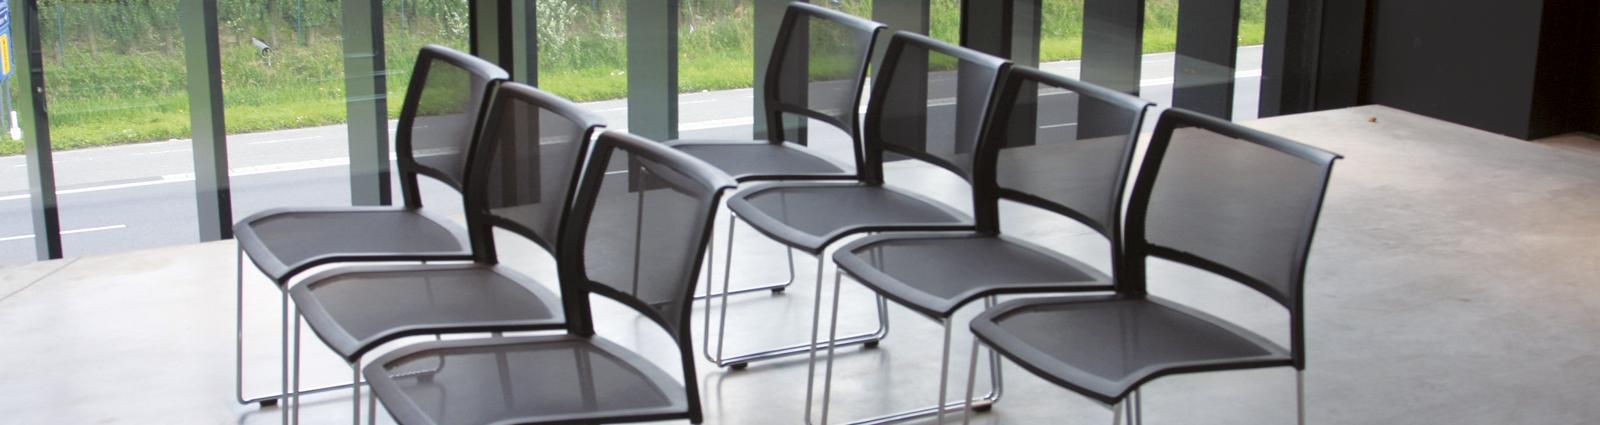 Vous souhaitez équiper un salle de Séminaire ou de conférence au sein de votre établissement, il vous faut du mobilier professionnel adéquat : découvrez notre offre de chaises empilables et de tables de séminaires. Nous vous proposons des tables de réception et de séminaires rondes, carrées, rectangulaires, toutes pliantes pour vous en faciliter le stockage, la manipulation et la mise en place afin de répondre aux différentes demandes et exigences des entreprises qui vous contactent. Au-delà de leur simplicité d'utilisation, les tables de réunion sont également robustes et proposent certaines options comme le réglage des pieds, l'utilisation en extérieur... Côté chaises de séminaires, vous aurez le choix entre des chaises avec assises en tissu pour une confort garanti, des chaises en polypropylène au design élégant pour une utilisation intérieure comme extérieure. Selon les modèles, les chaises peuvent se ranger pliées ou s'empiler. Les matériaux choisis pour la structure et l'assise sont des matériaux reconnus pour leur légèreté et leur résistance à une utilisation collective.